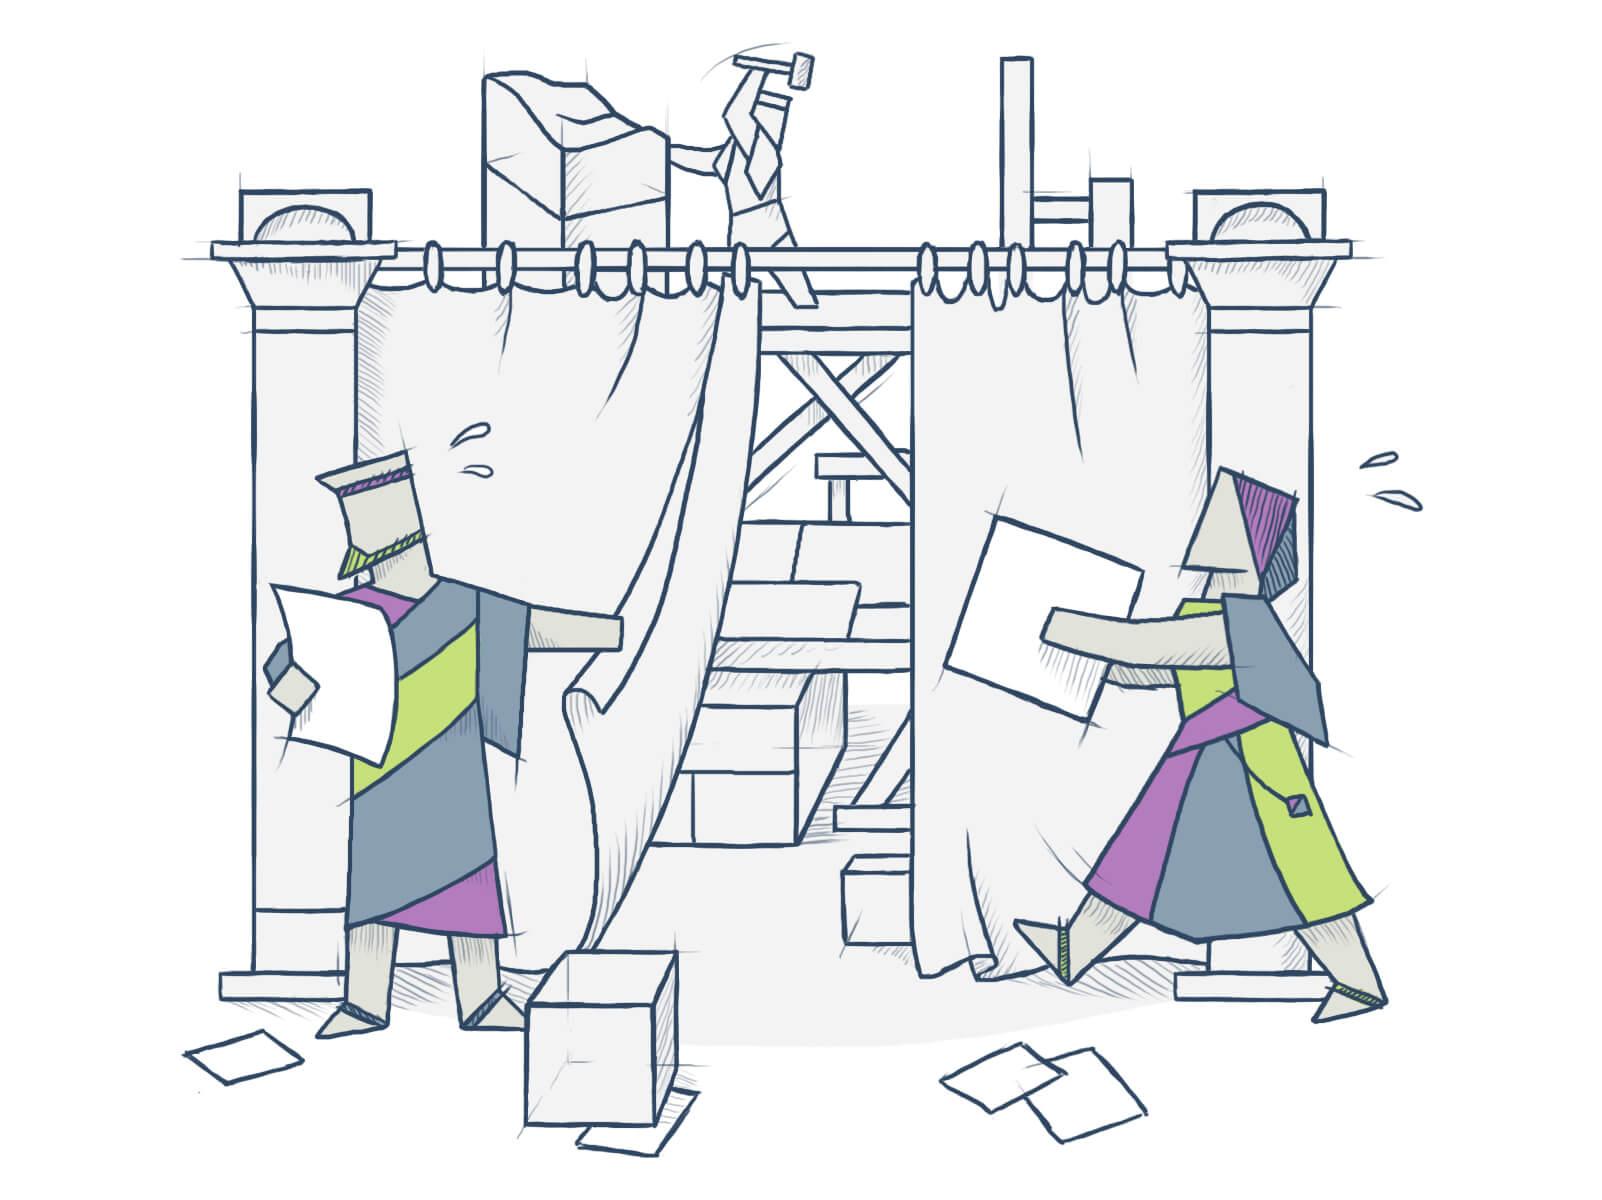 Mit HEGIAS entstehen weniger Missverständnisse bei der Planung von Immobilien